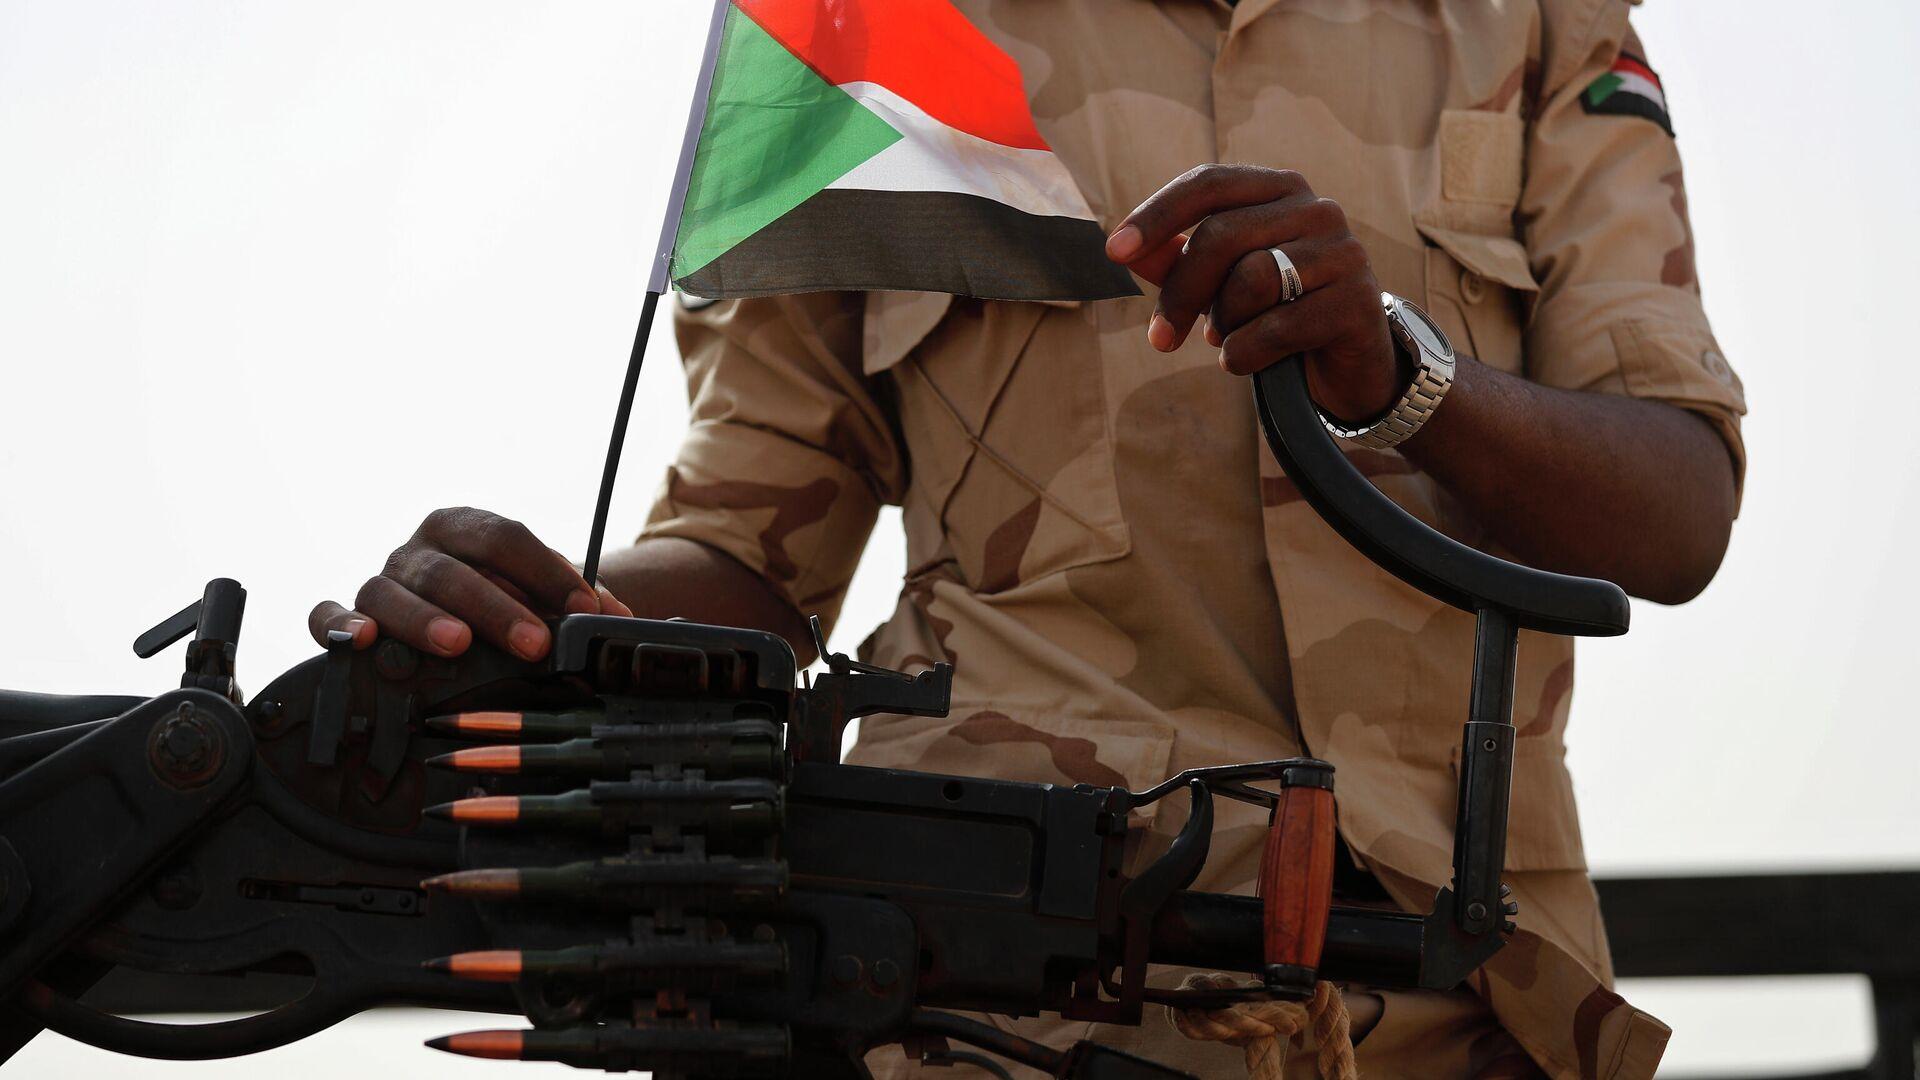 Армия Судана заявила о предотвращении попытки переворота в стране - Sputnik Беларусь, 1920, 21.09.2021